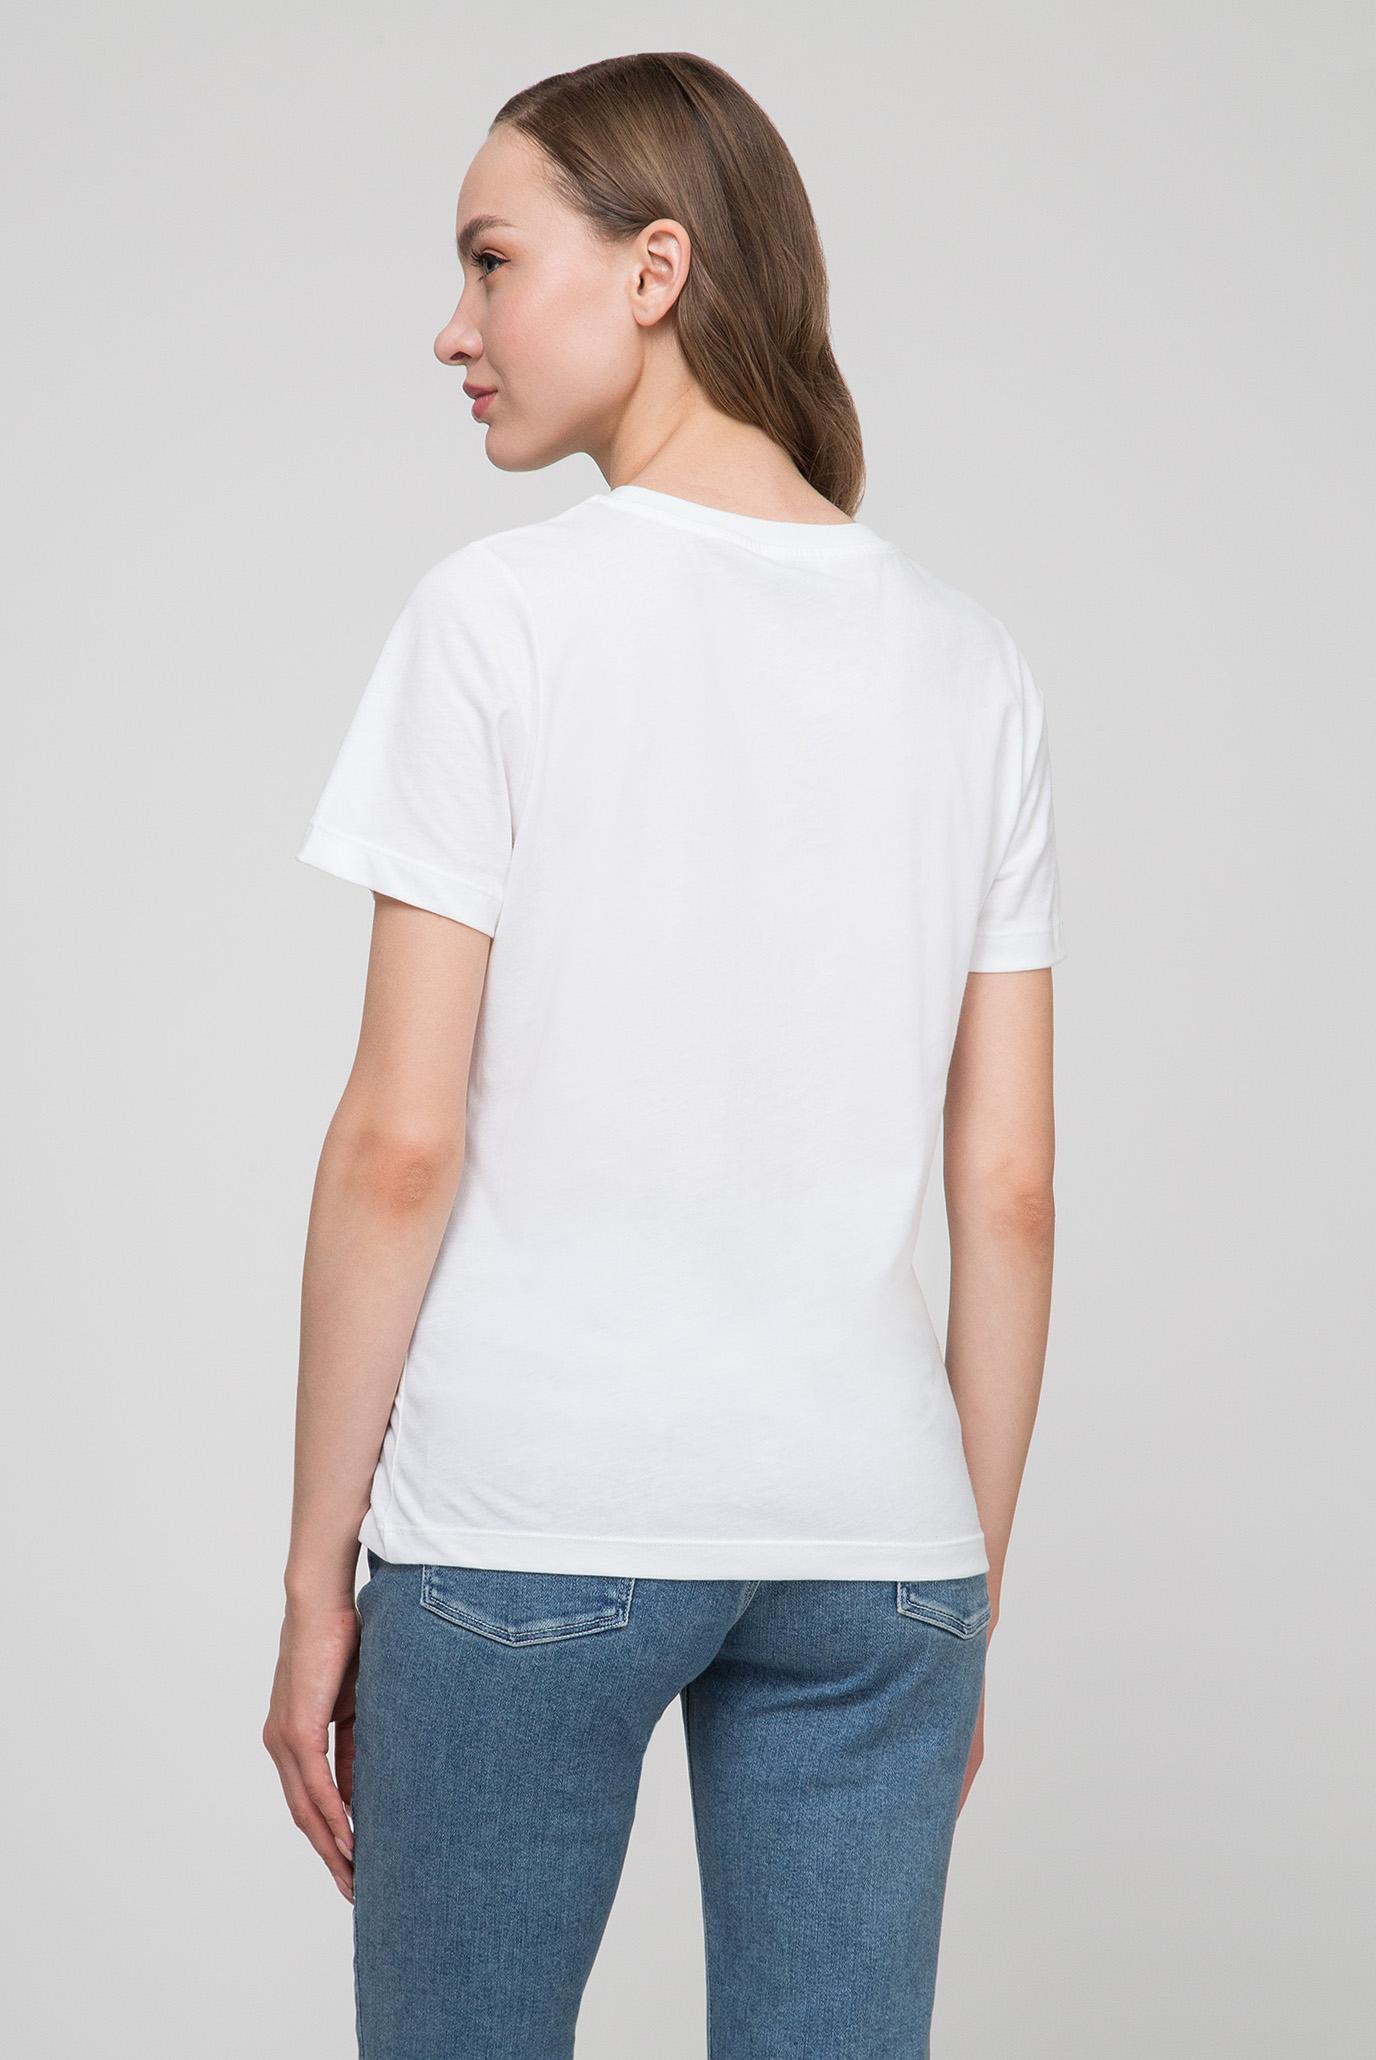 Купить Женская белая футболка SMALL LOGO PATCH TEE Calvin Klein Calvin Klein K20K200702 – Киев, Украина. Цены в интернет магазине MD Fashion